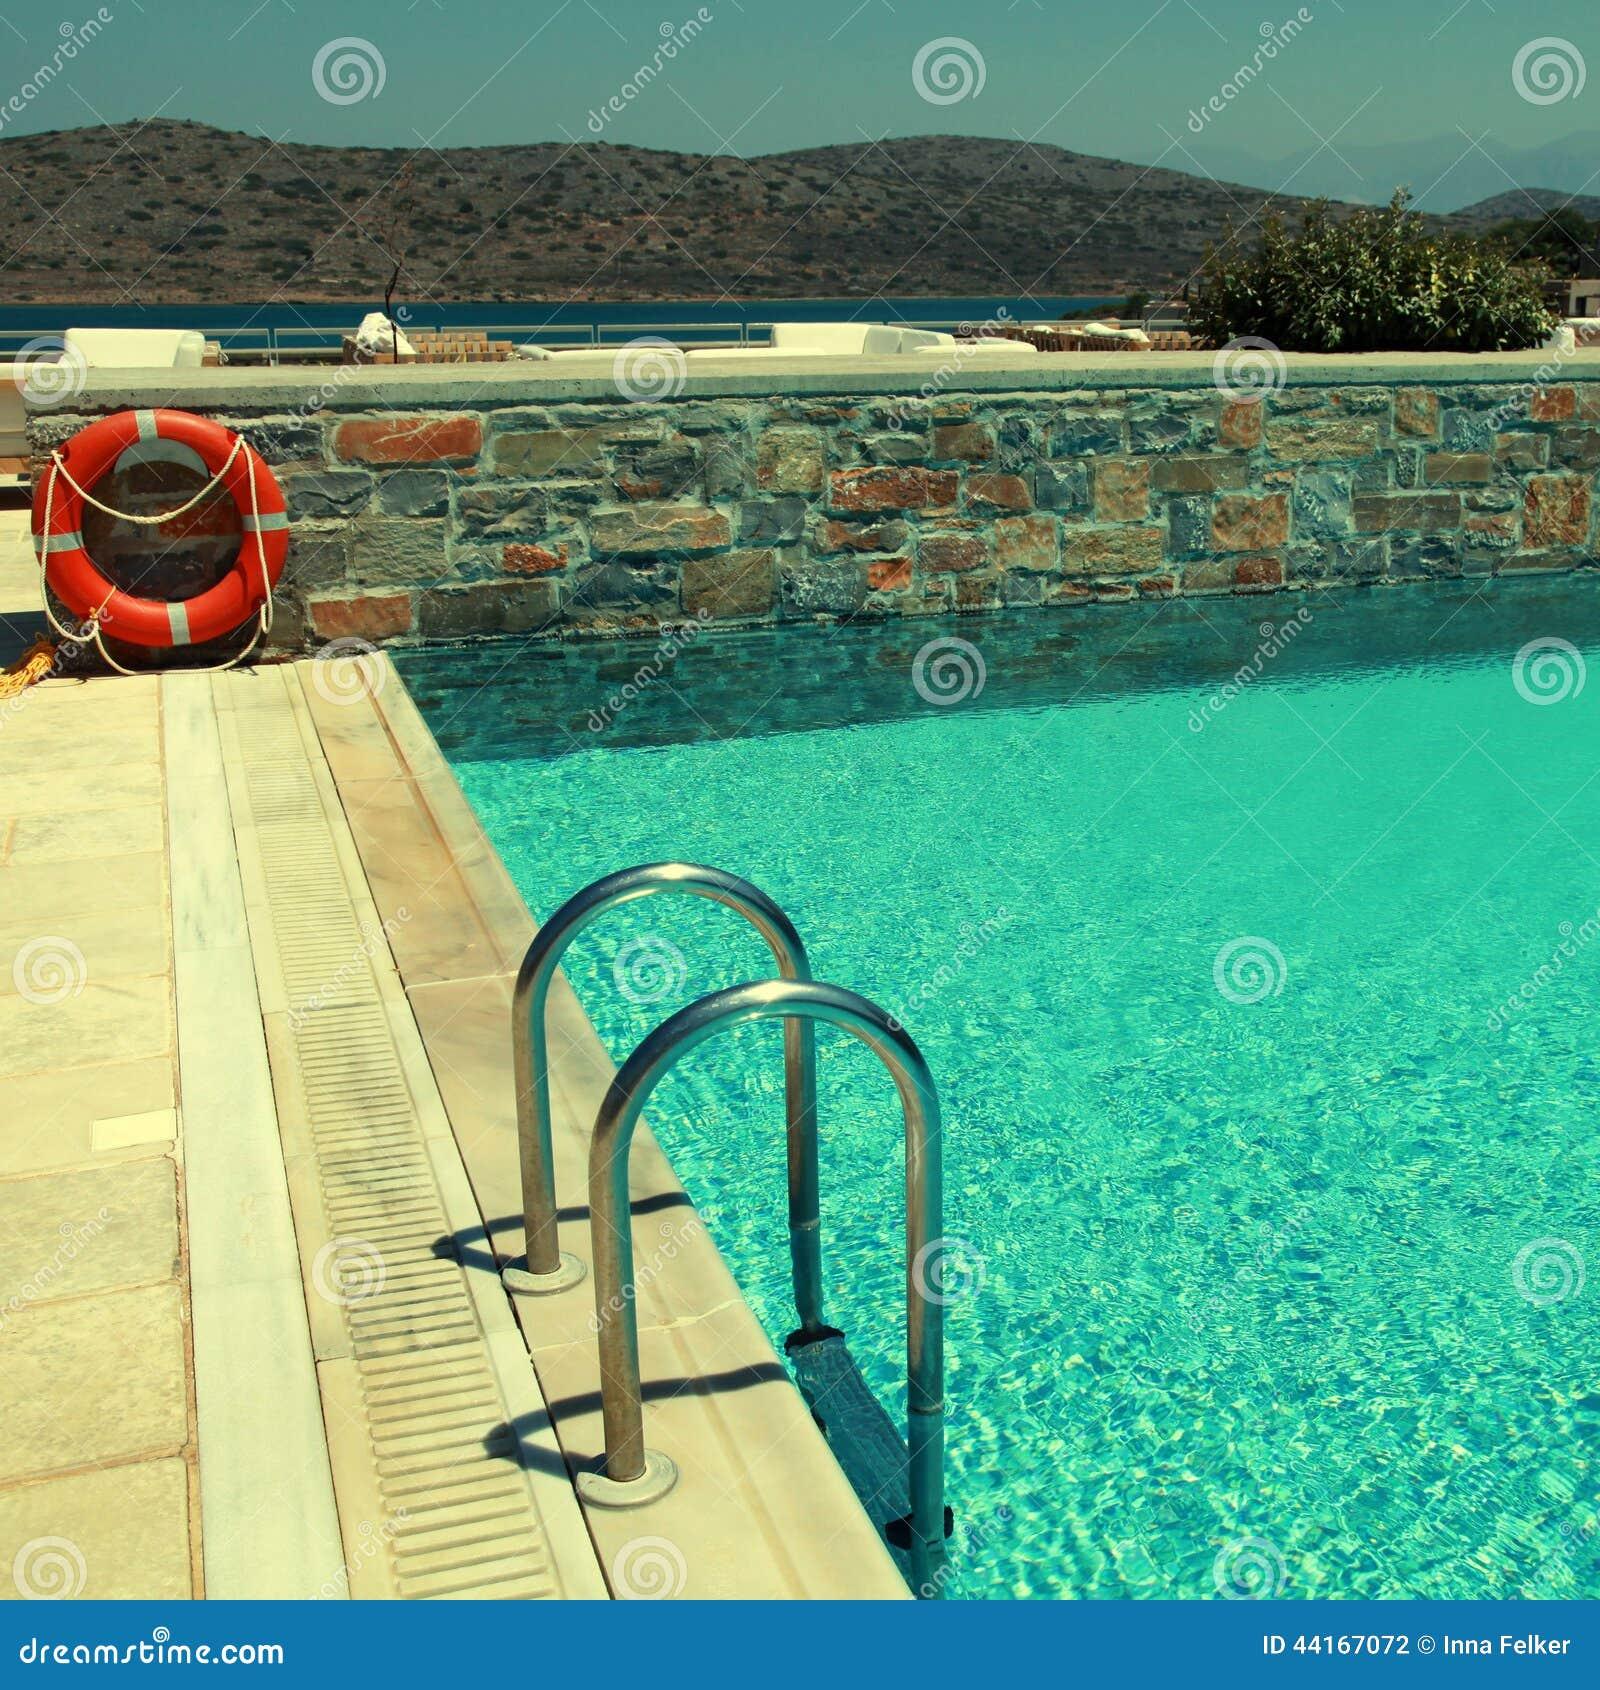 Piscina del patio y del centro tur stico que pasa por alto el mar mediterr neo foto de archivo - Business plan piscina ...